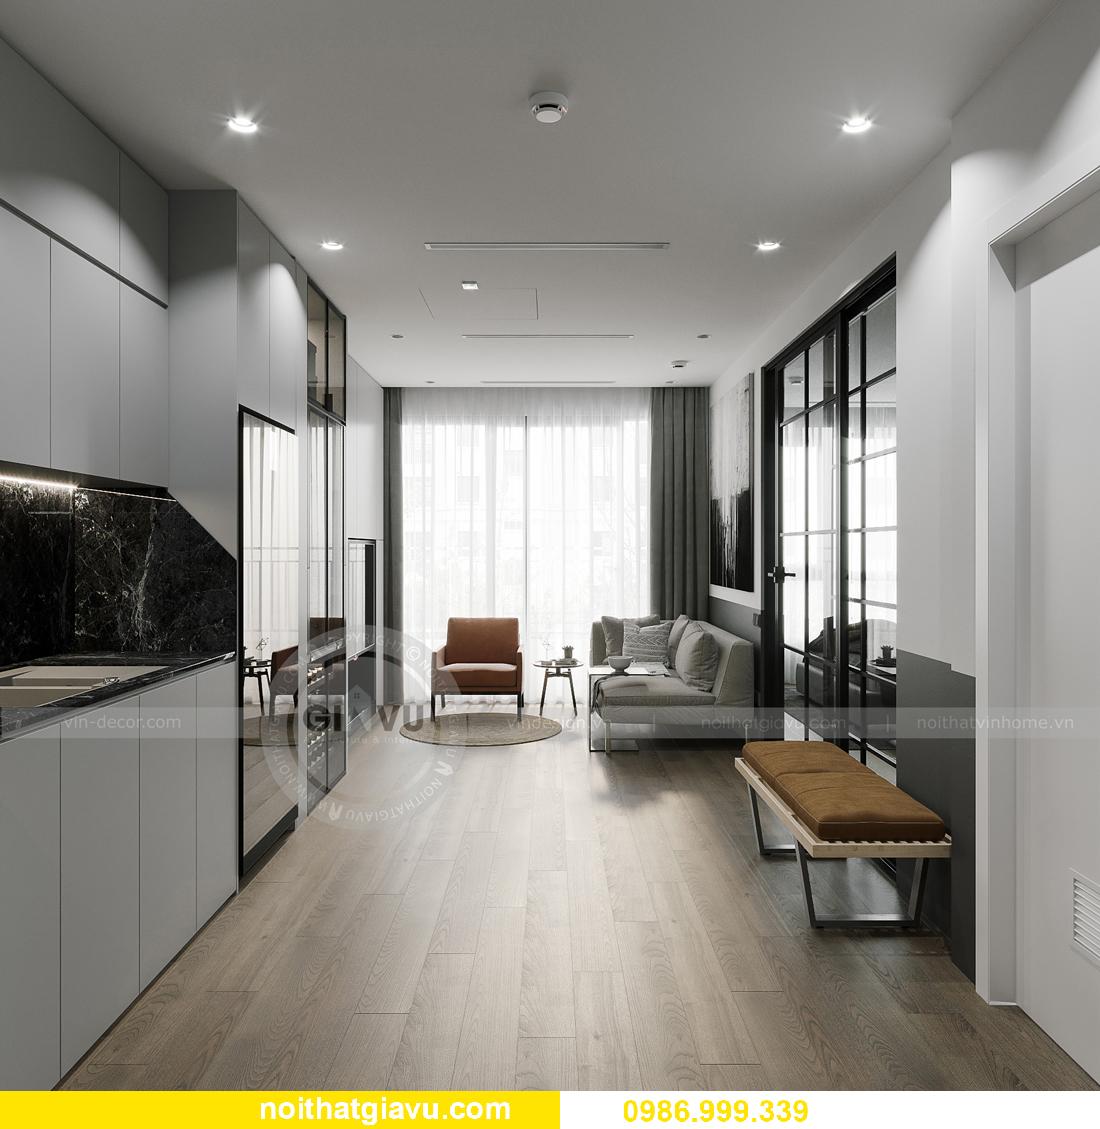 thiết kế nội thất căn hộ 43m2 tại chung cư Vinhomes Smart City 1